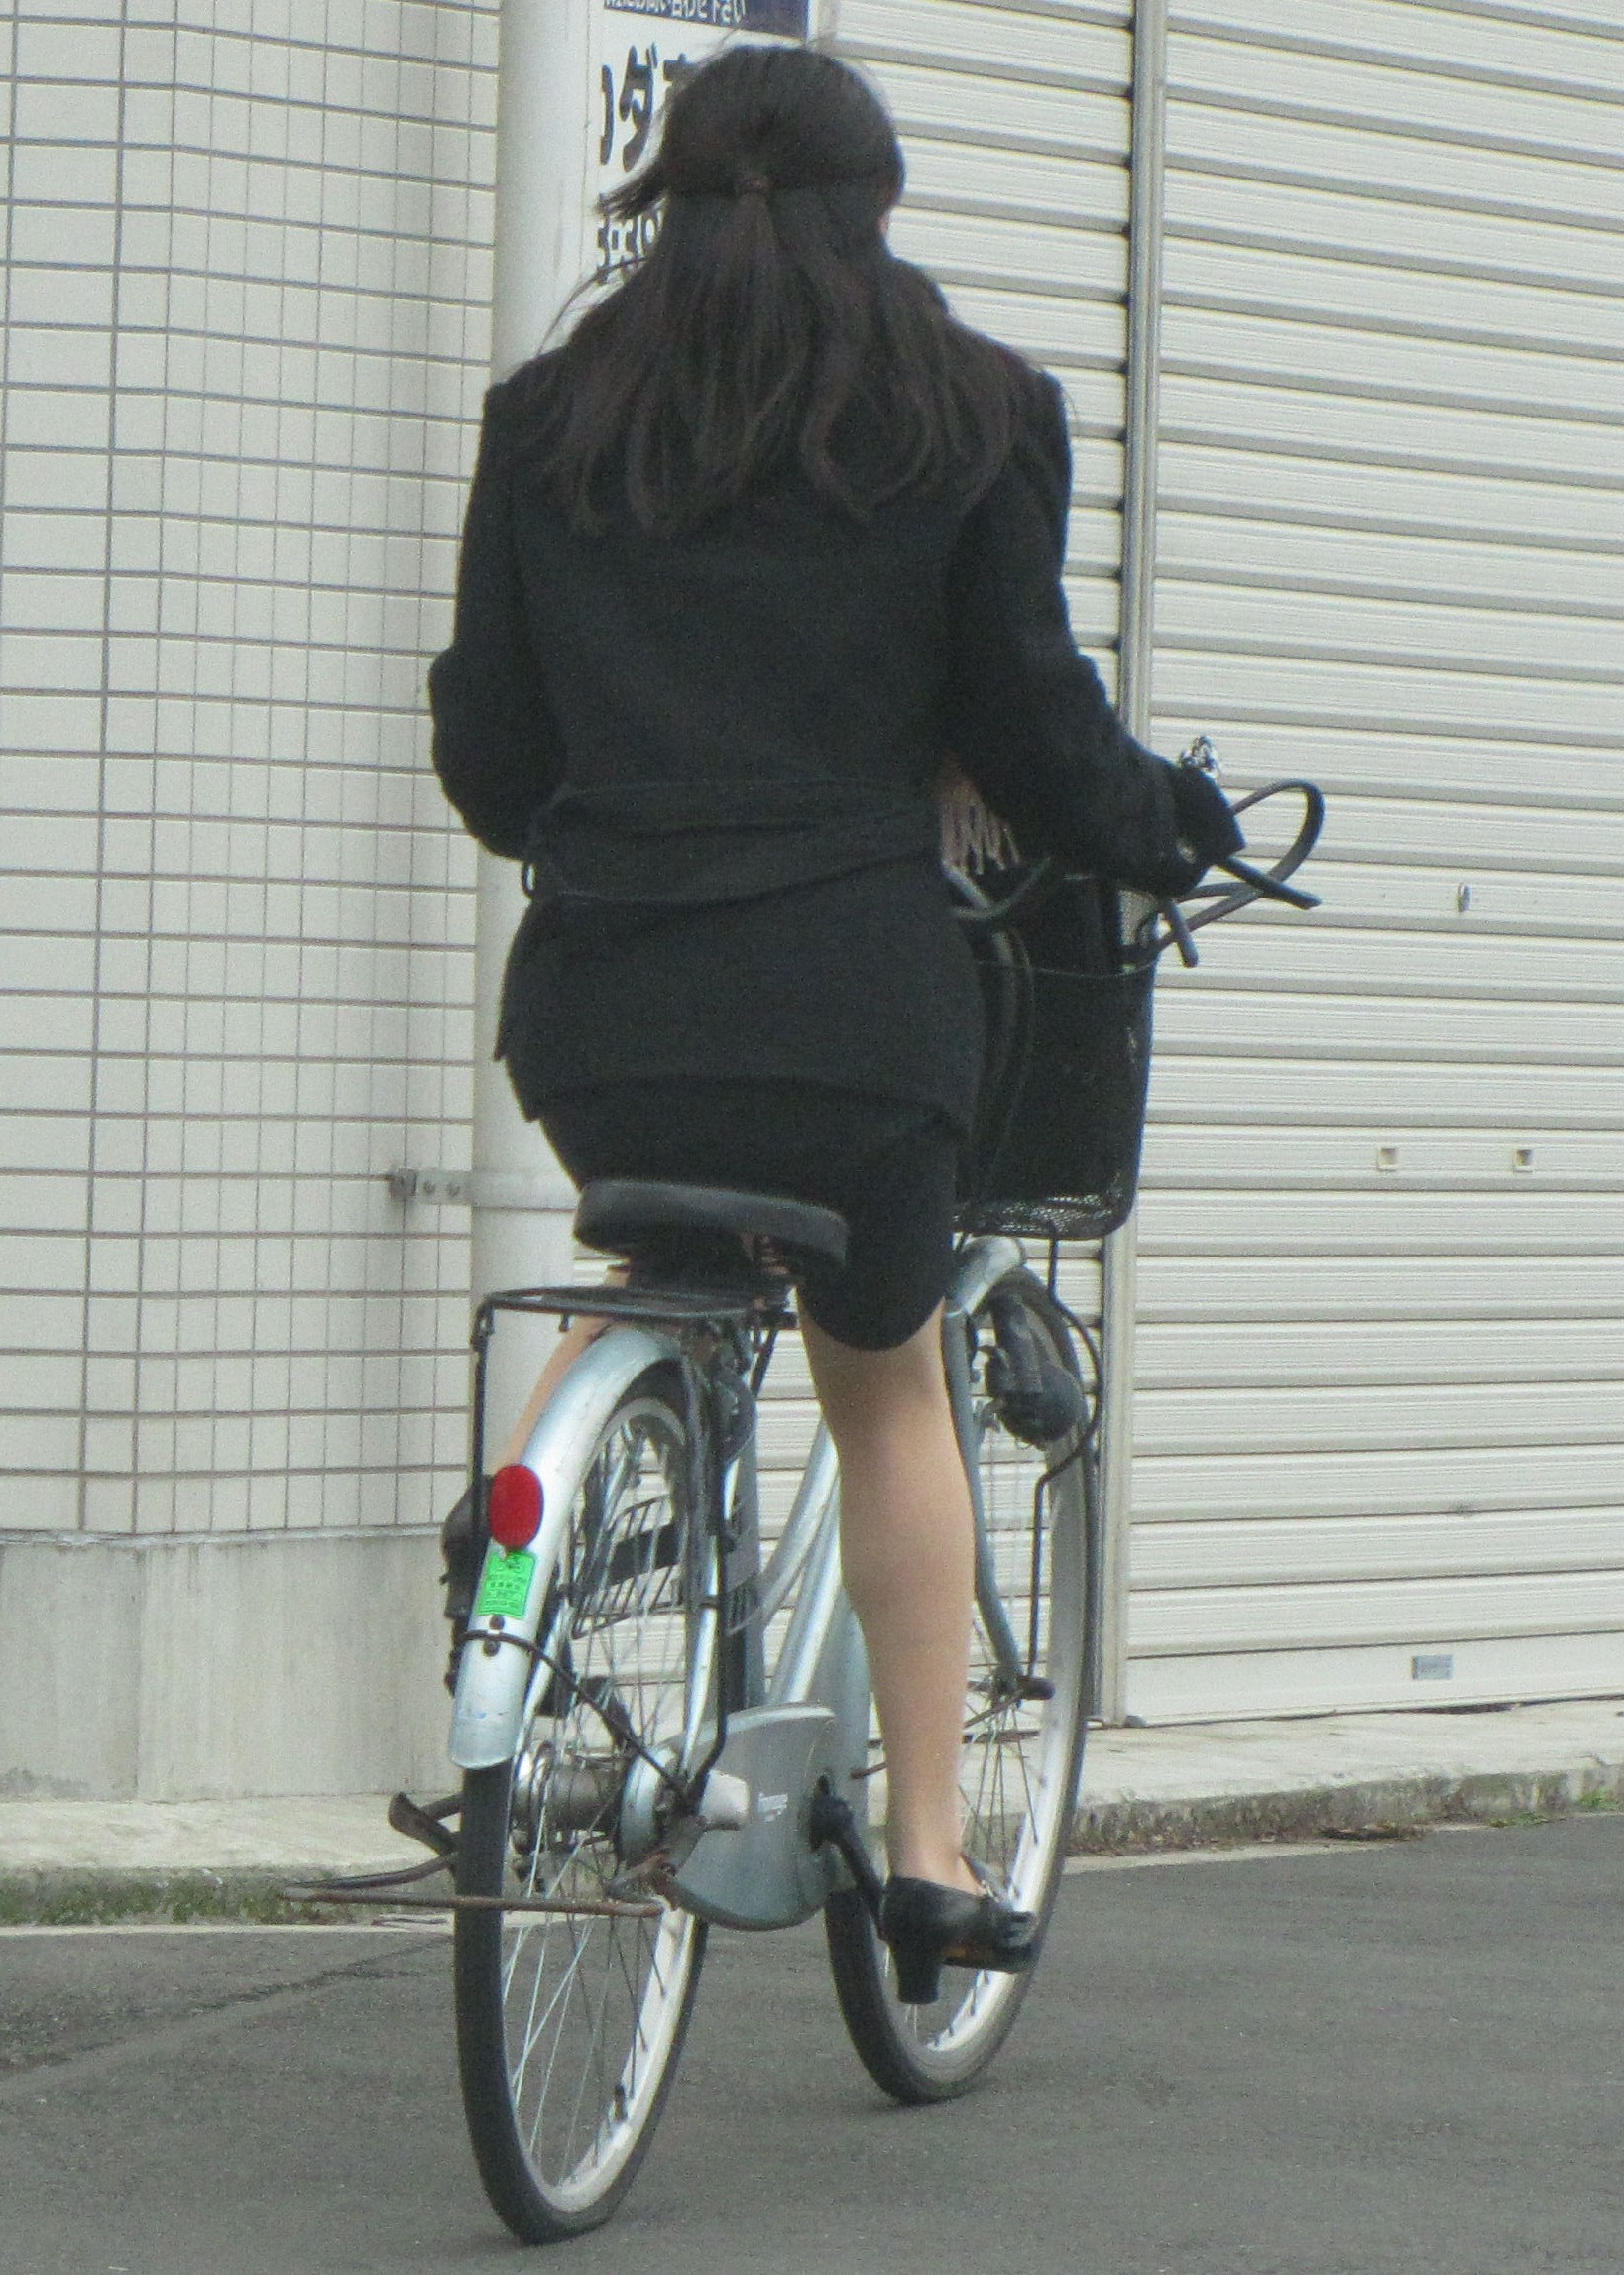 【街撮り美脚画像】大人の下半身を観察www自転車乗った働くおねえさん画像 16